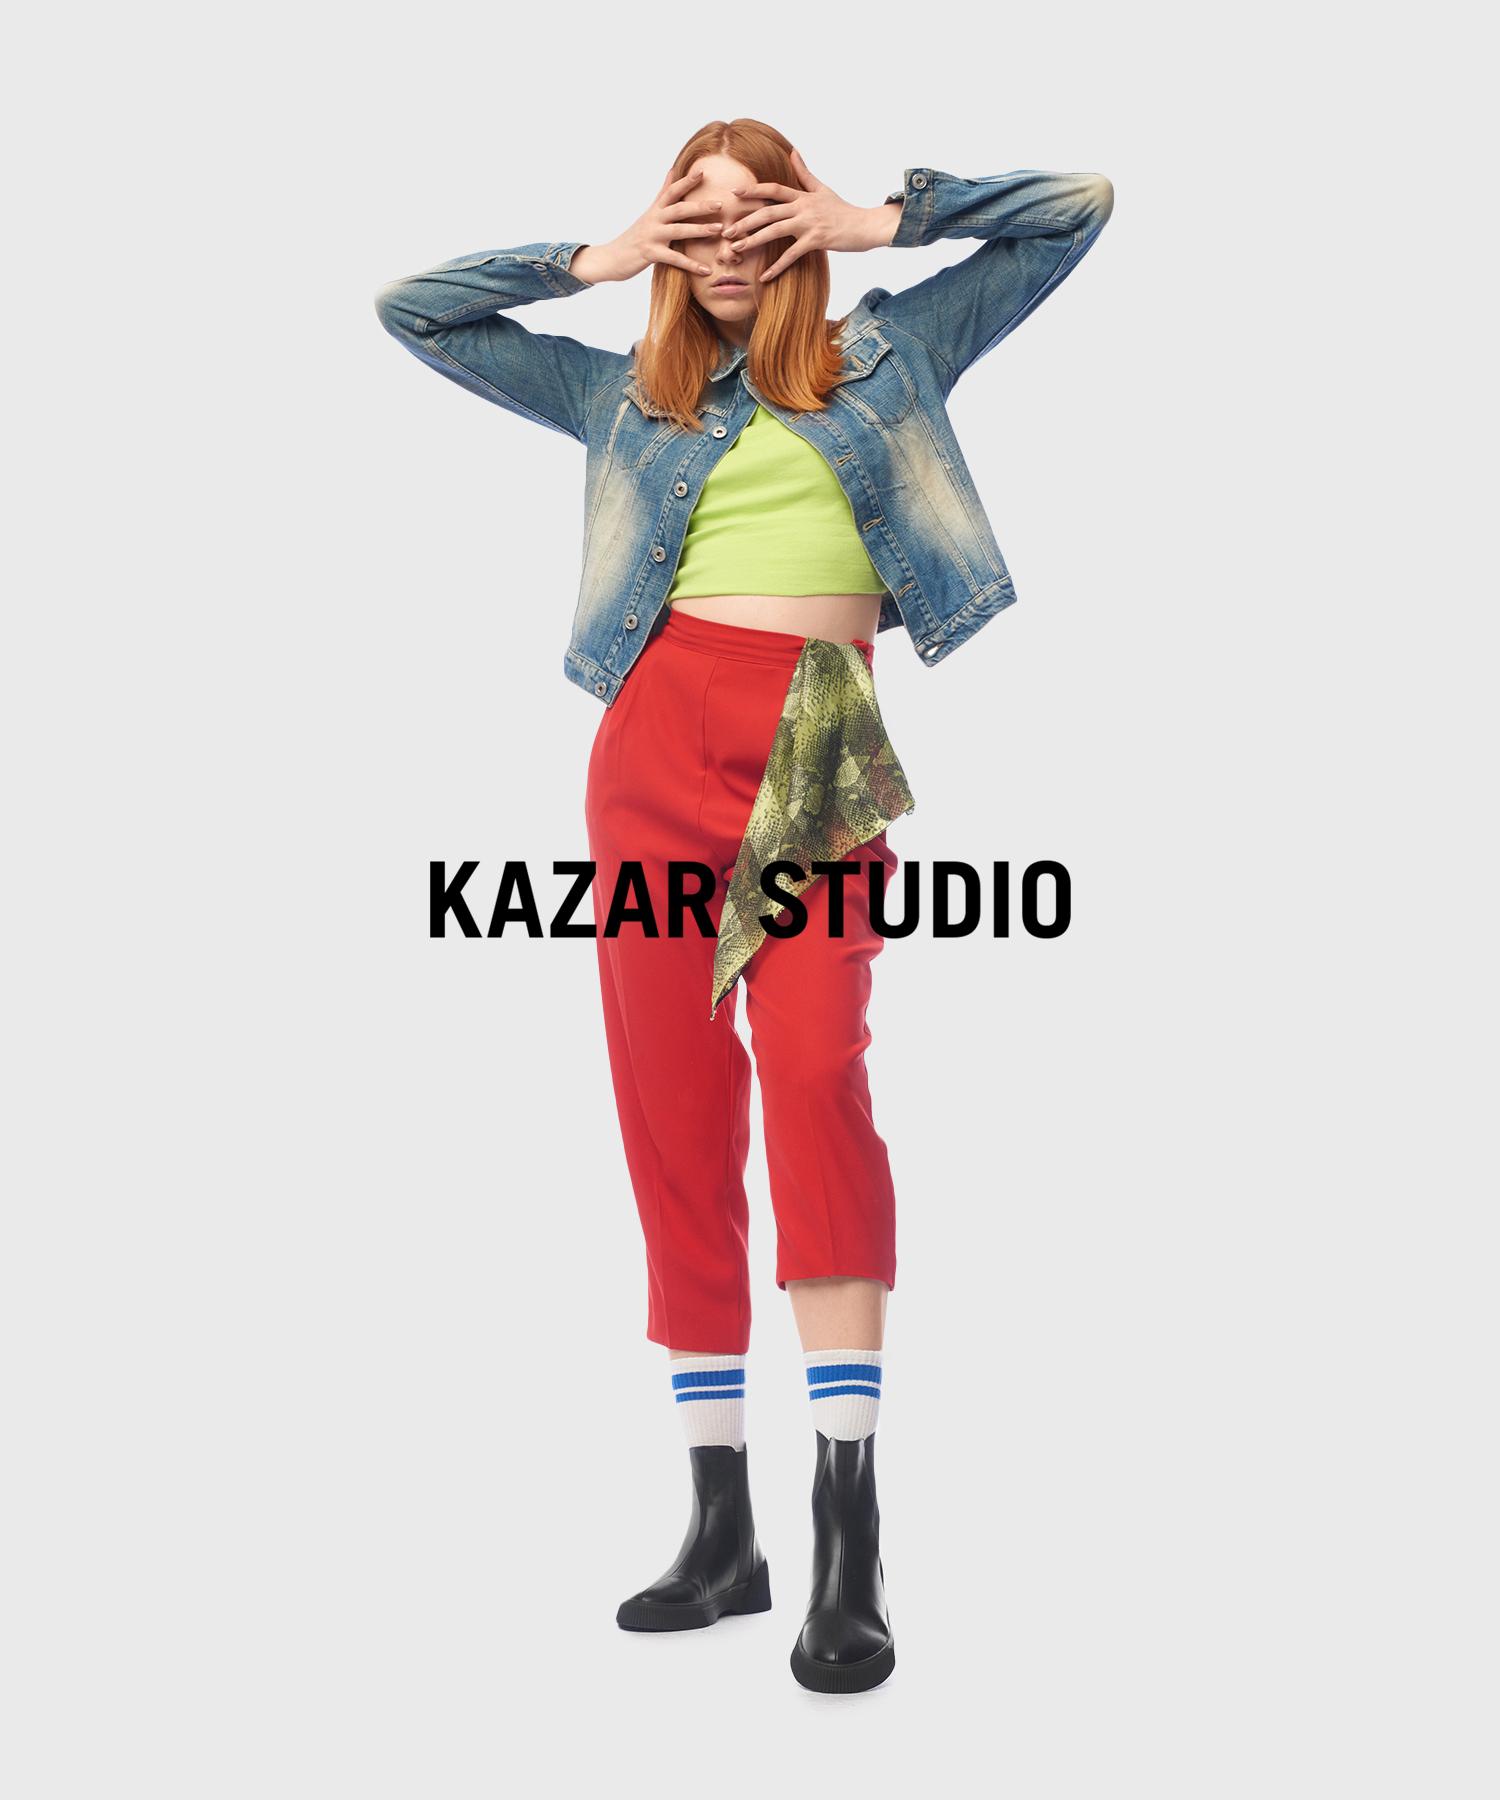 kazar studio00005.jpg